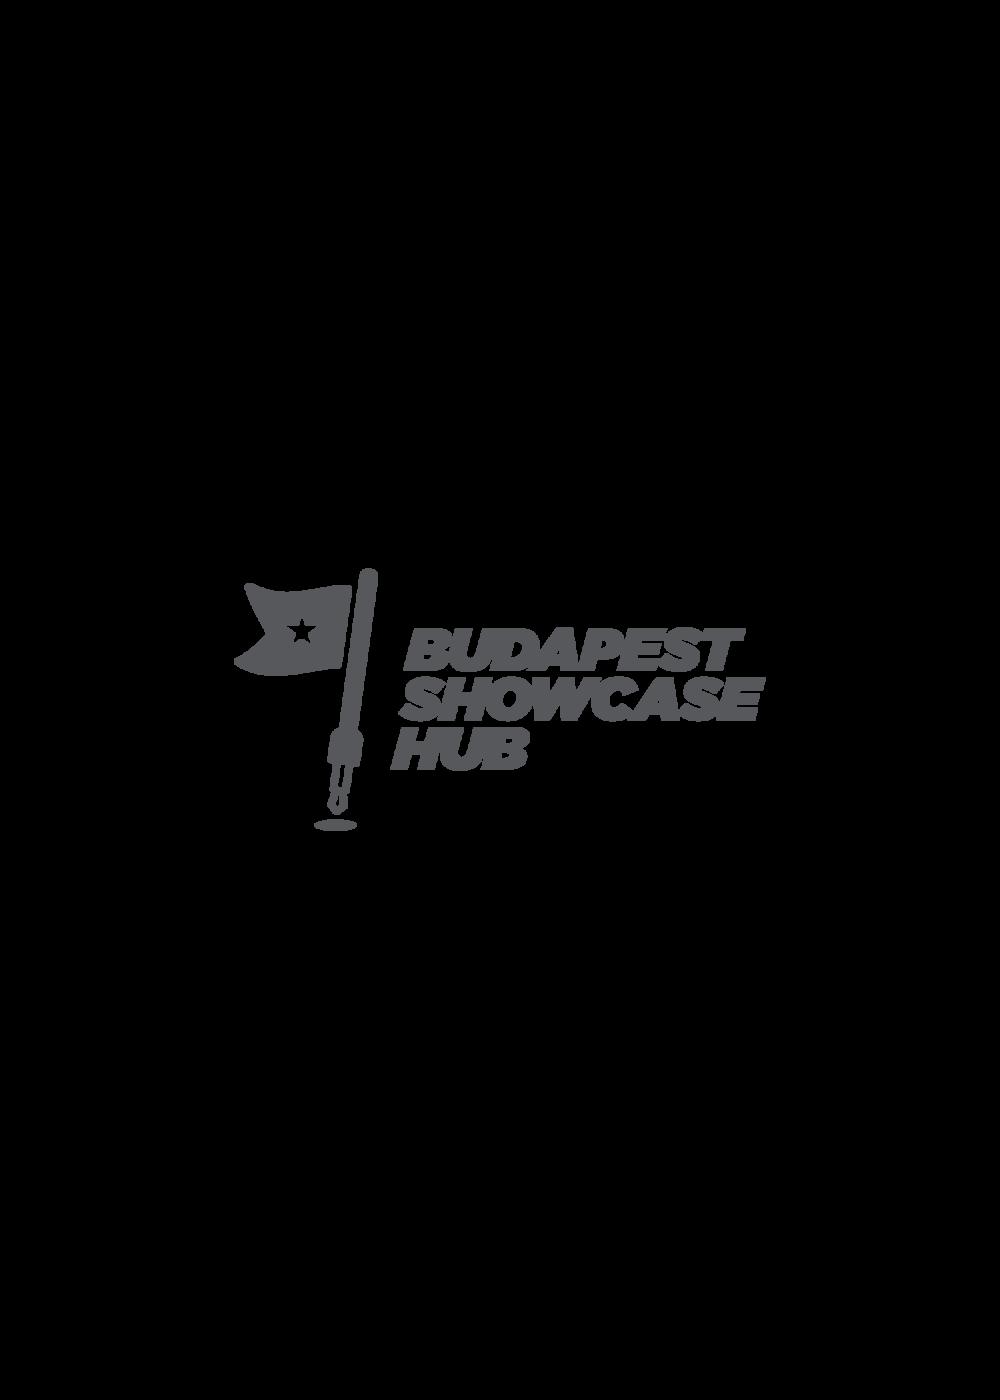 logo_bush_01.png